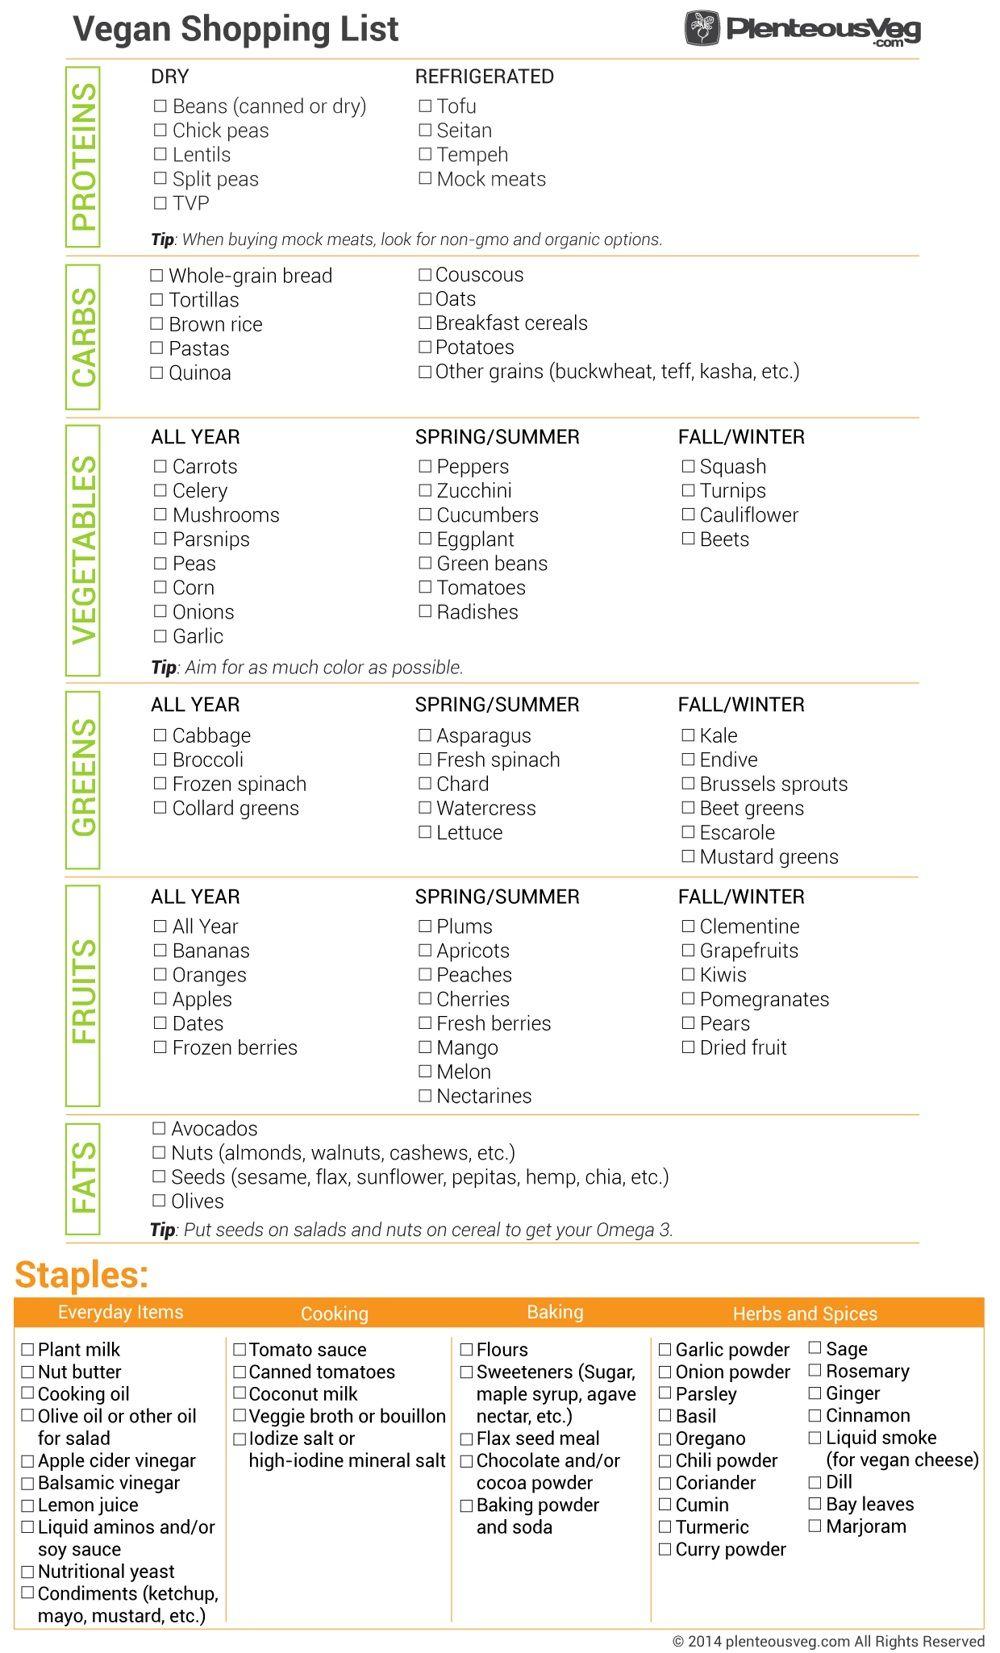 customizable vegan shopping list for all seasons